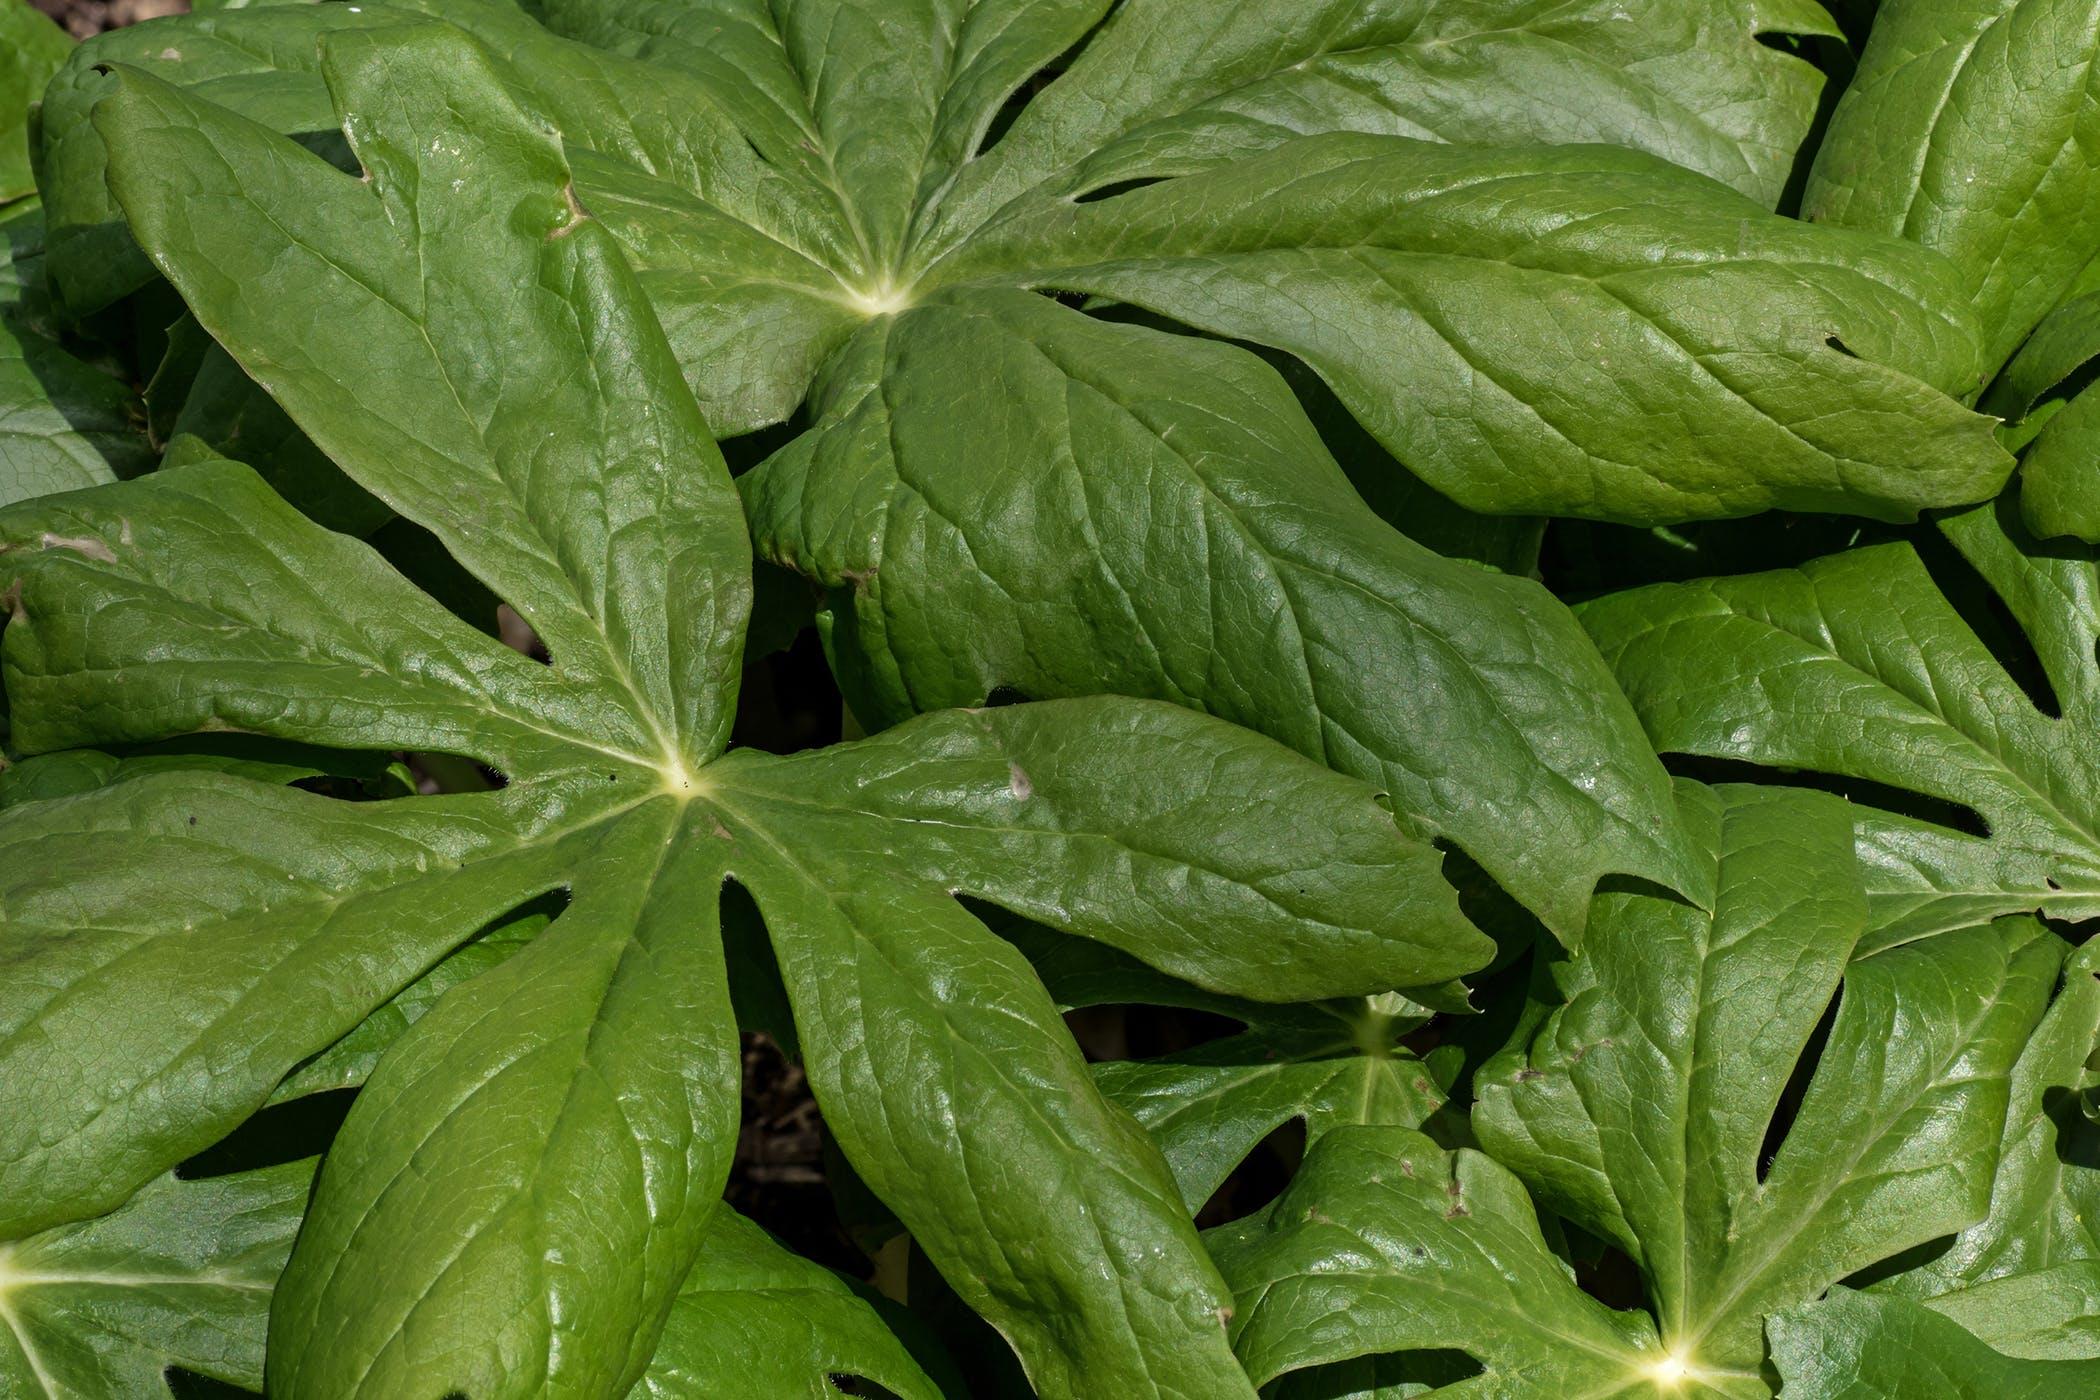 Umbrella Leaf Poisoning in Cats